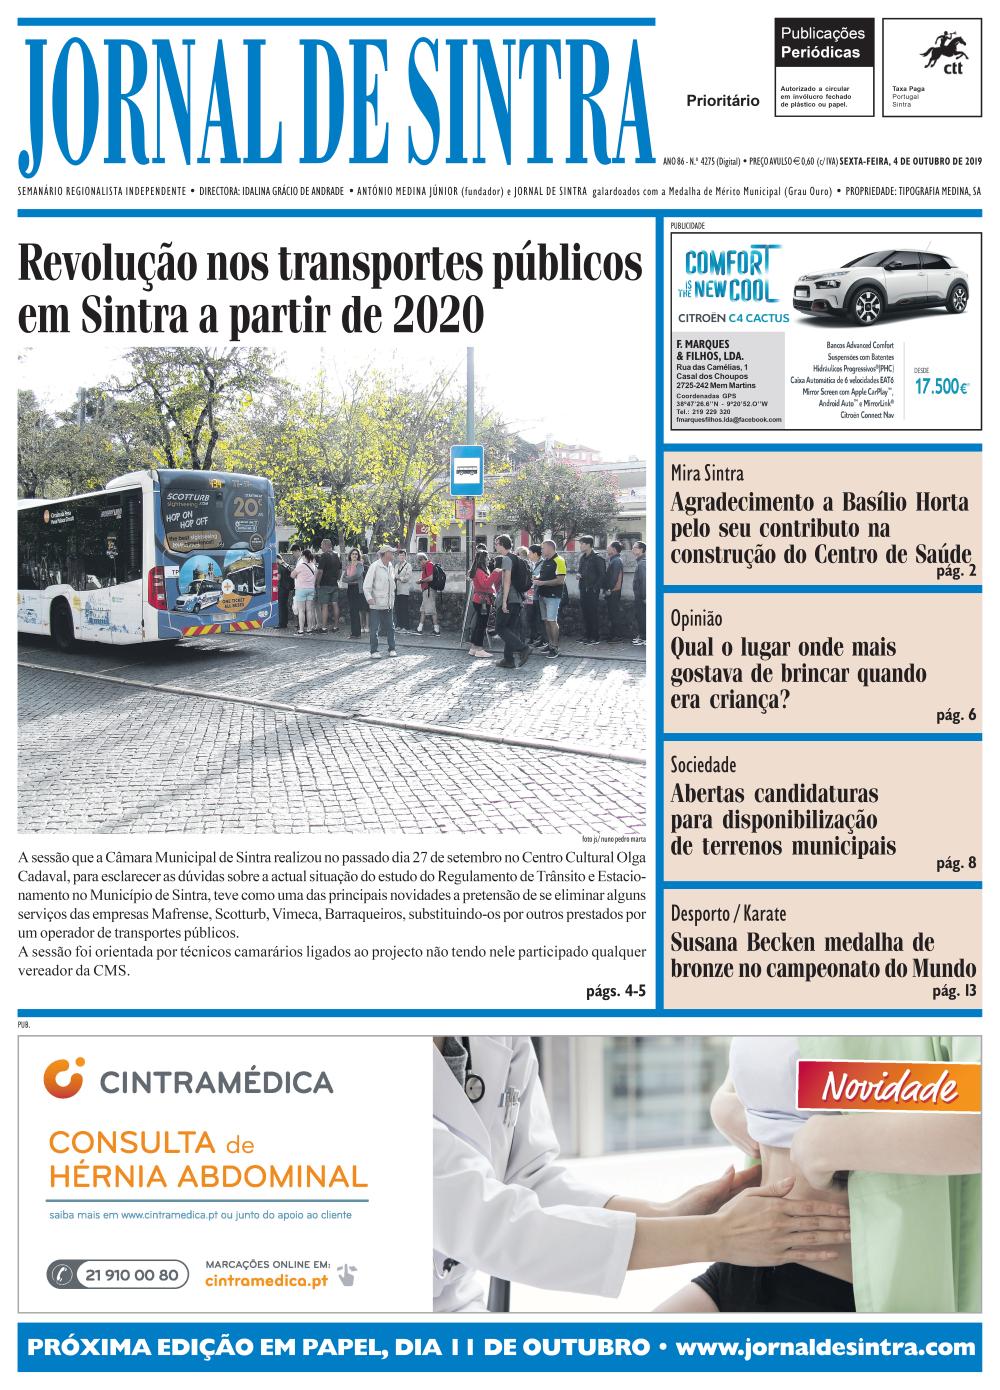 Capa da edição de 04/10/2019